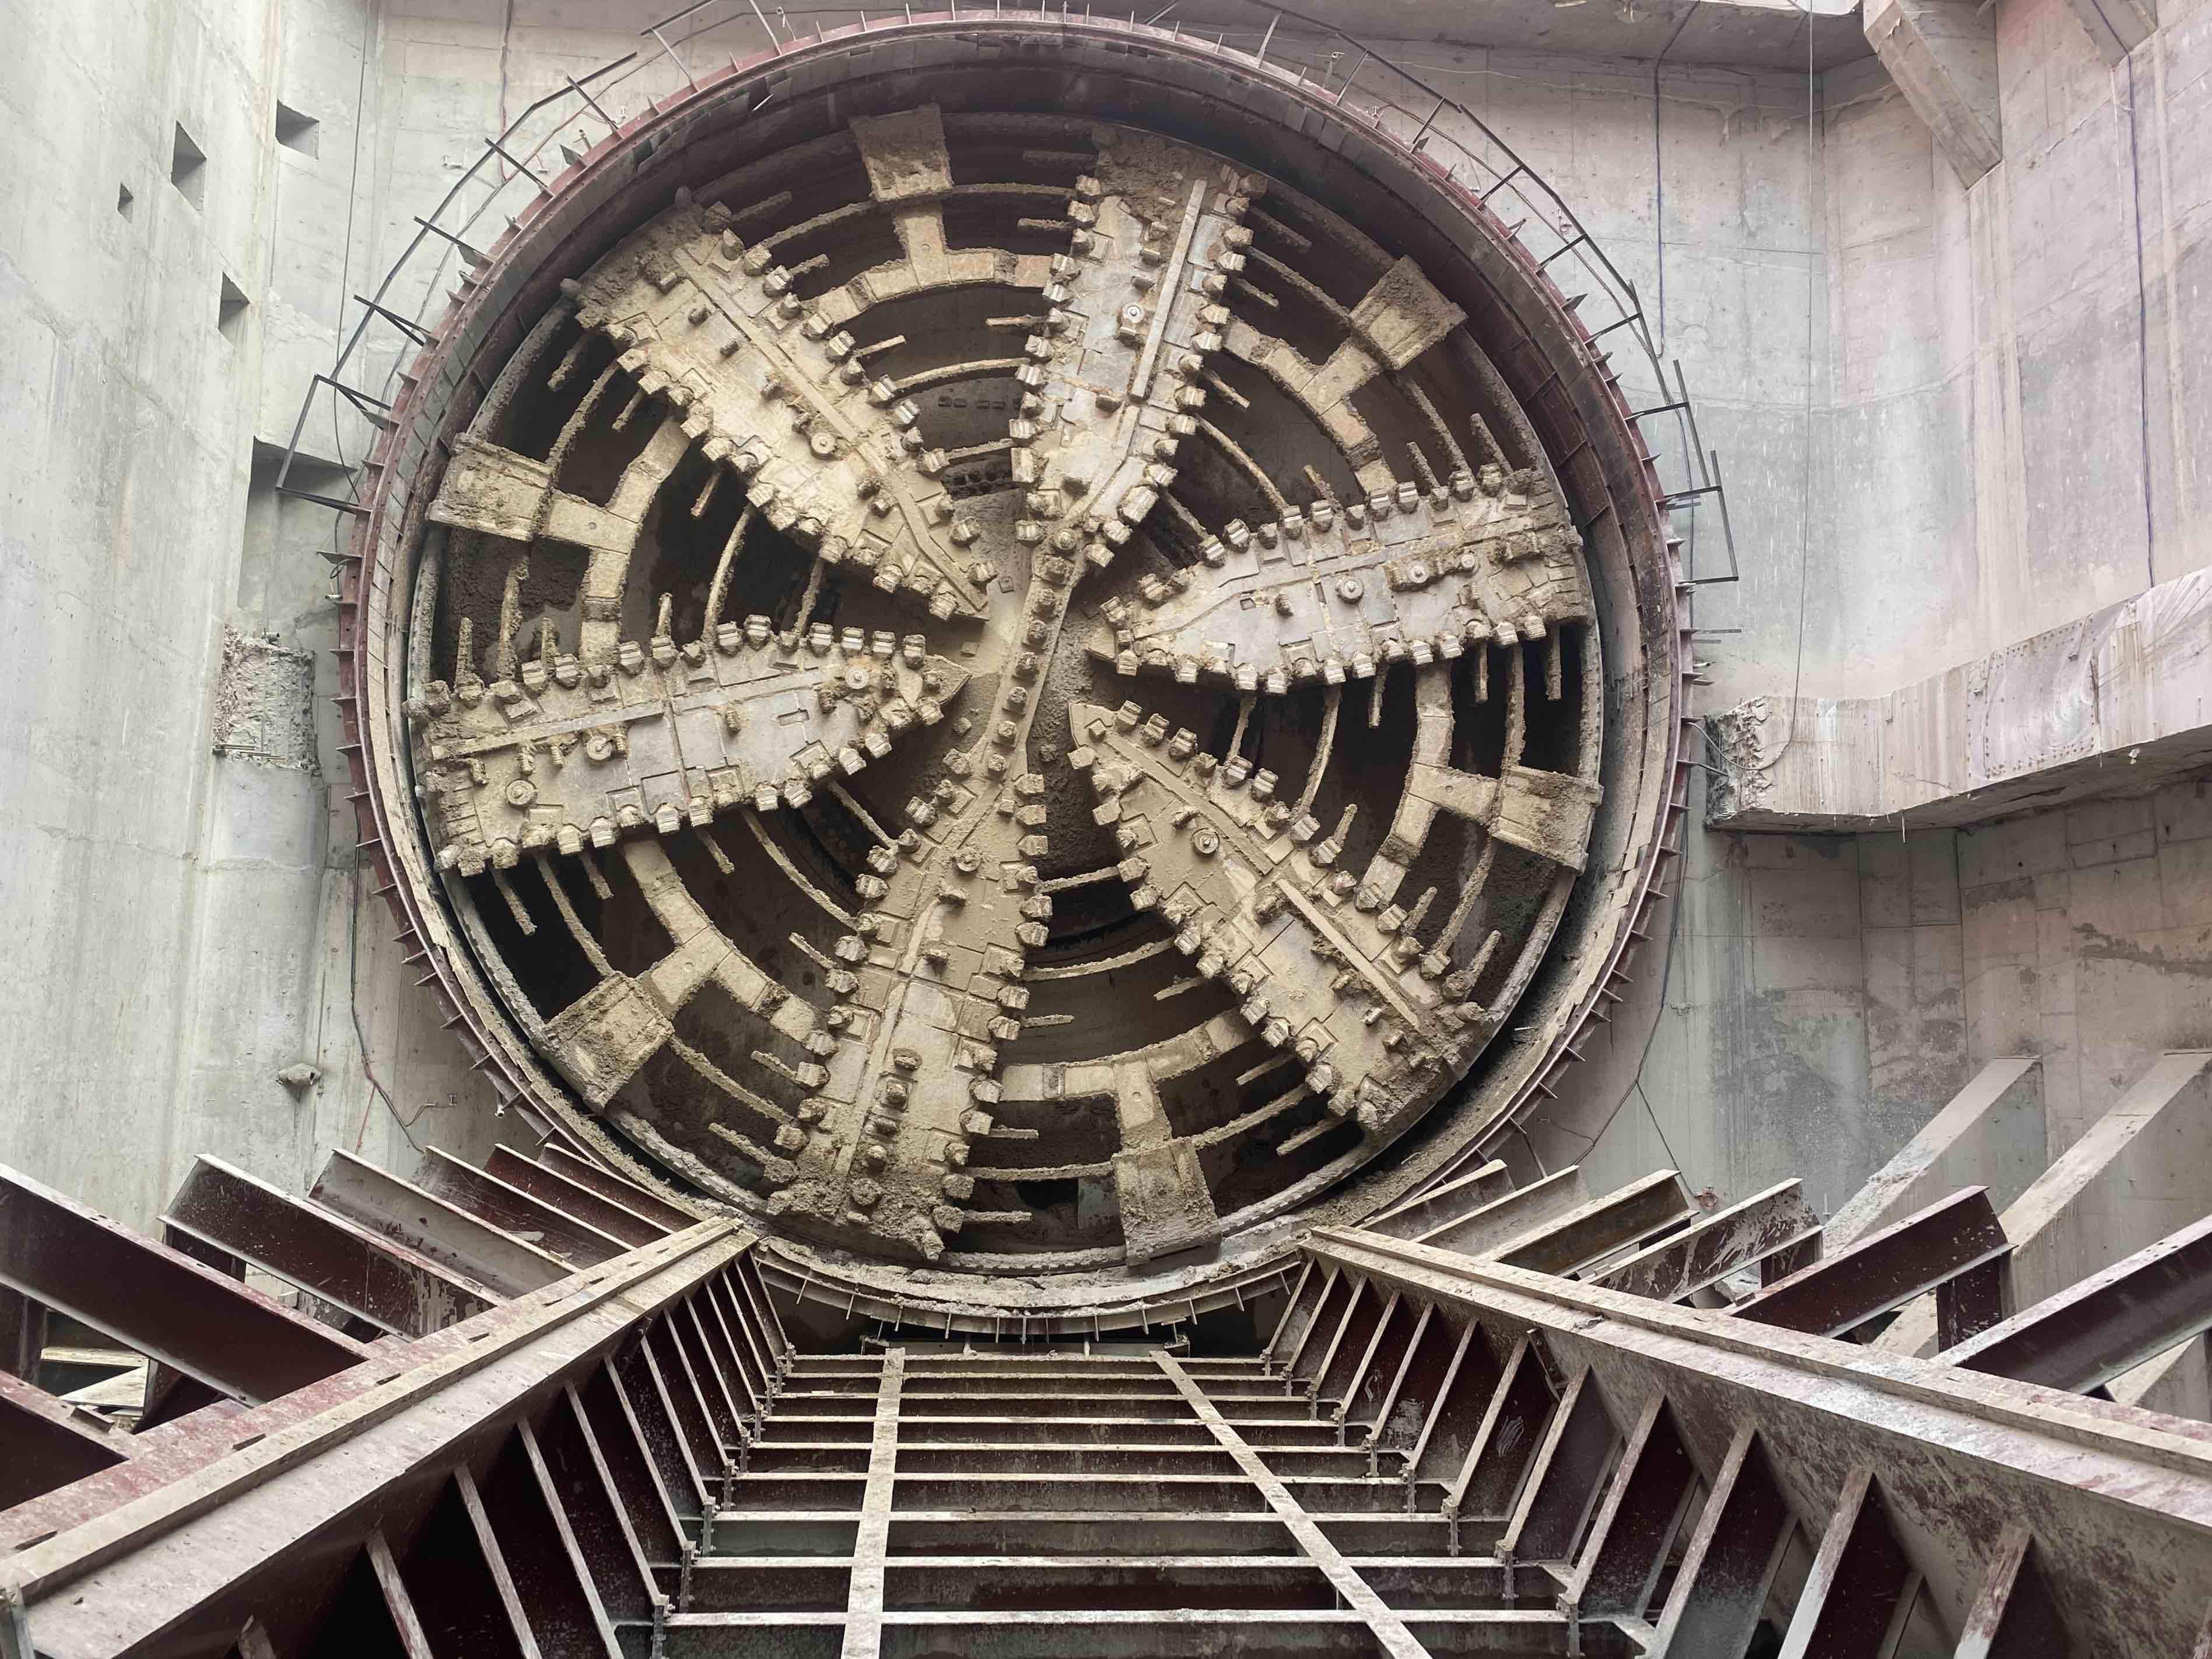 26小时掘进2米!济南黄河隧道东线贯通 盾构掘进突破最难关口